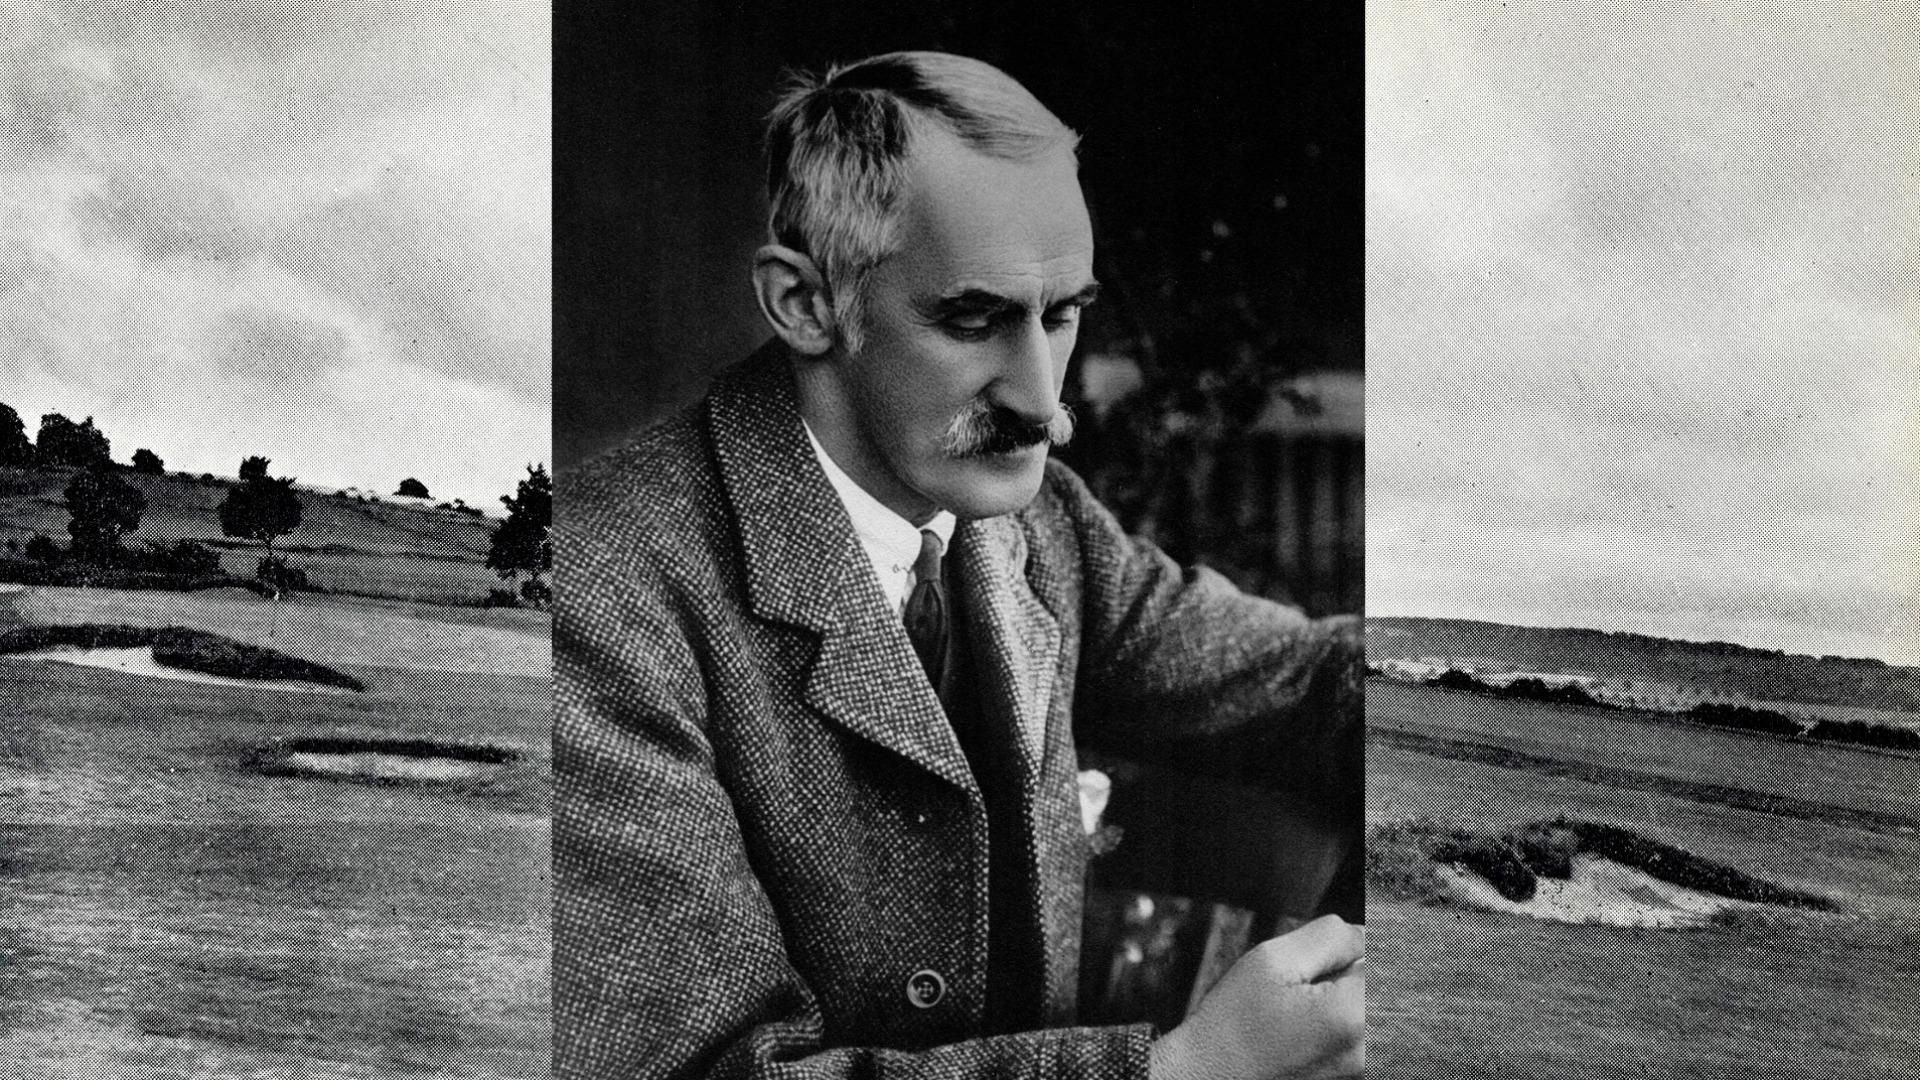 1910 - J Healing